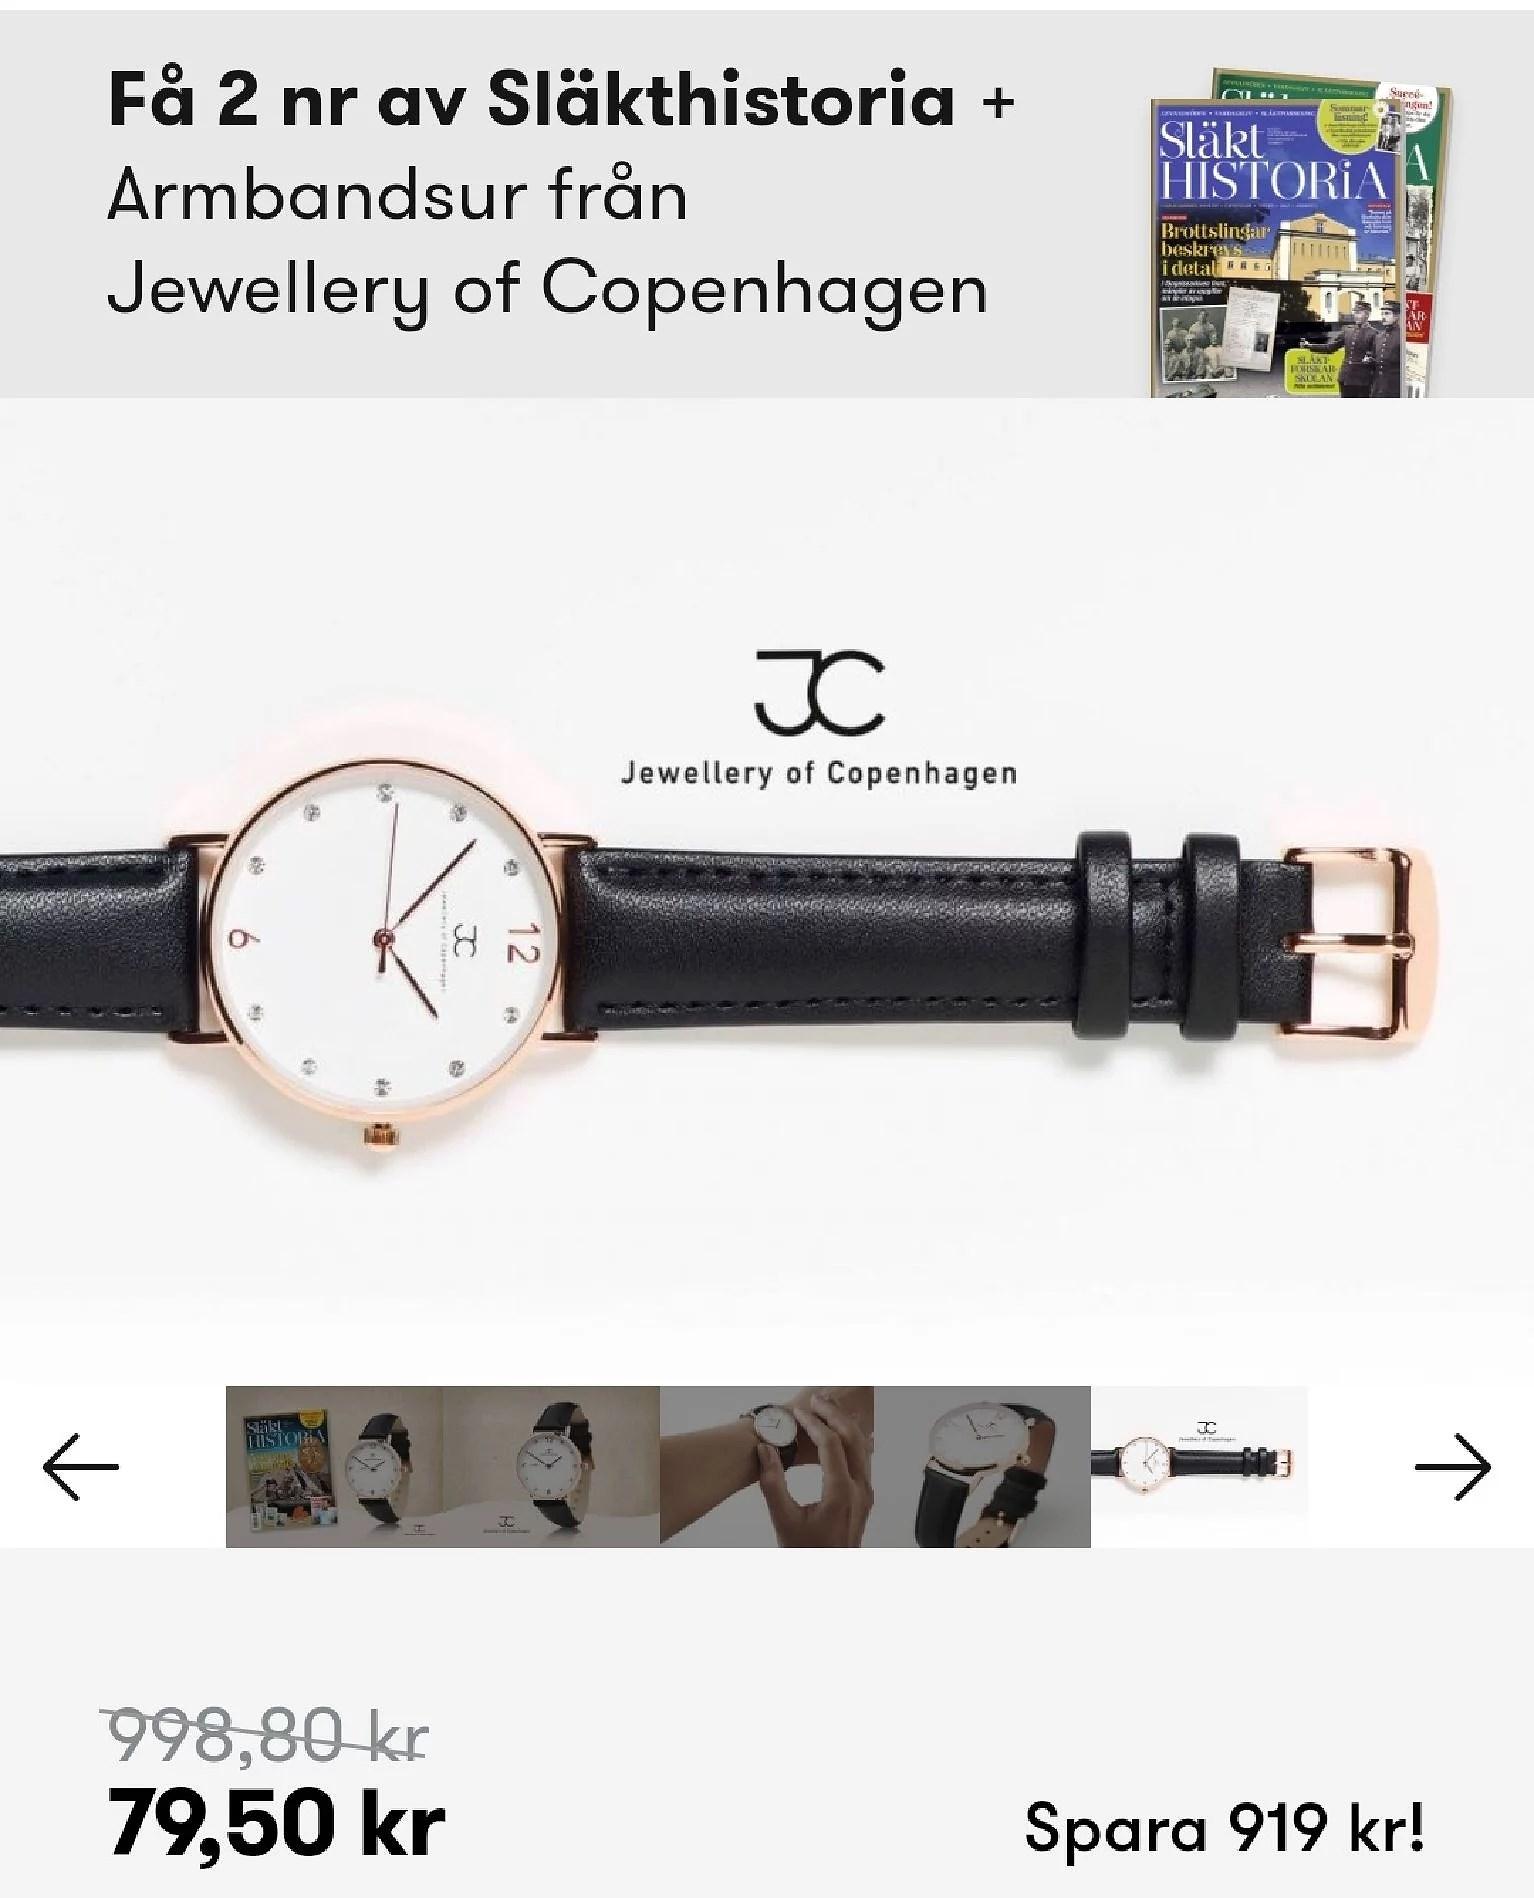 Få en snygg klocka med tidningen Släkthistoria